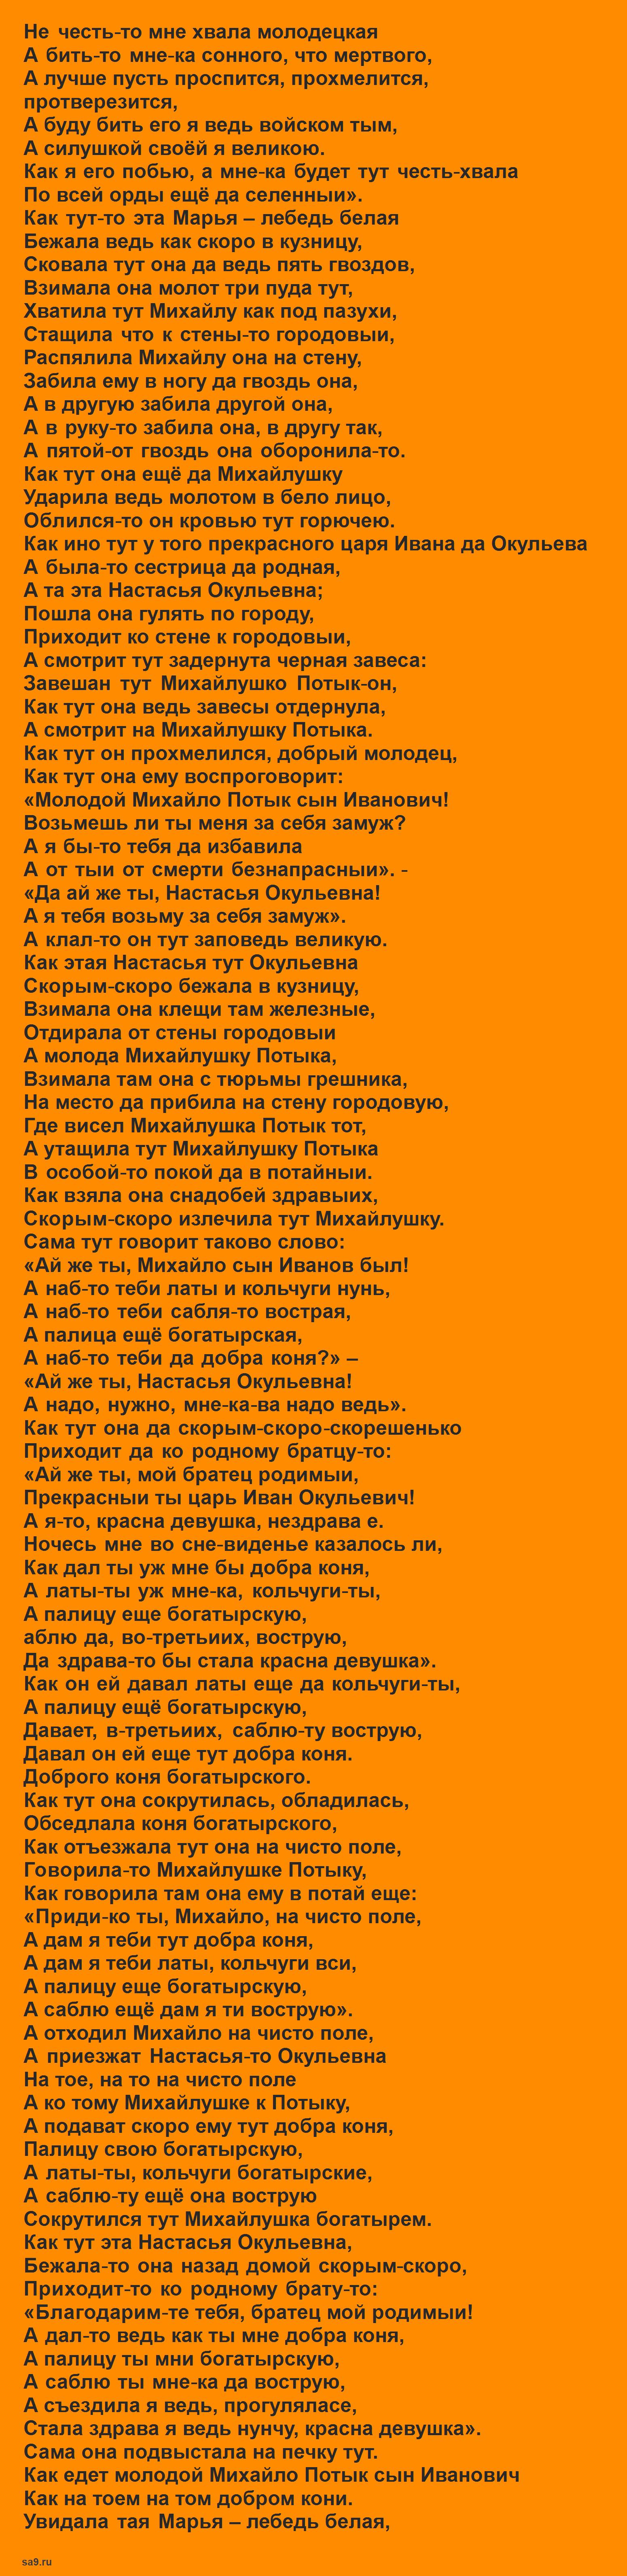 Читать былину - Михайло Потык